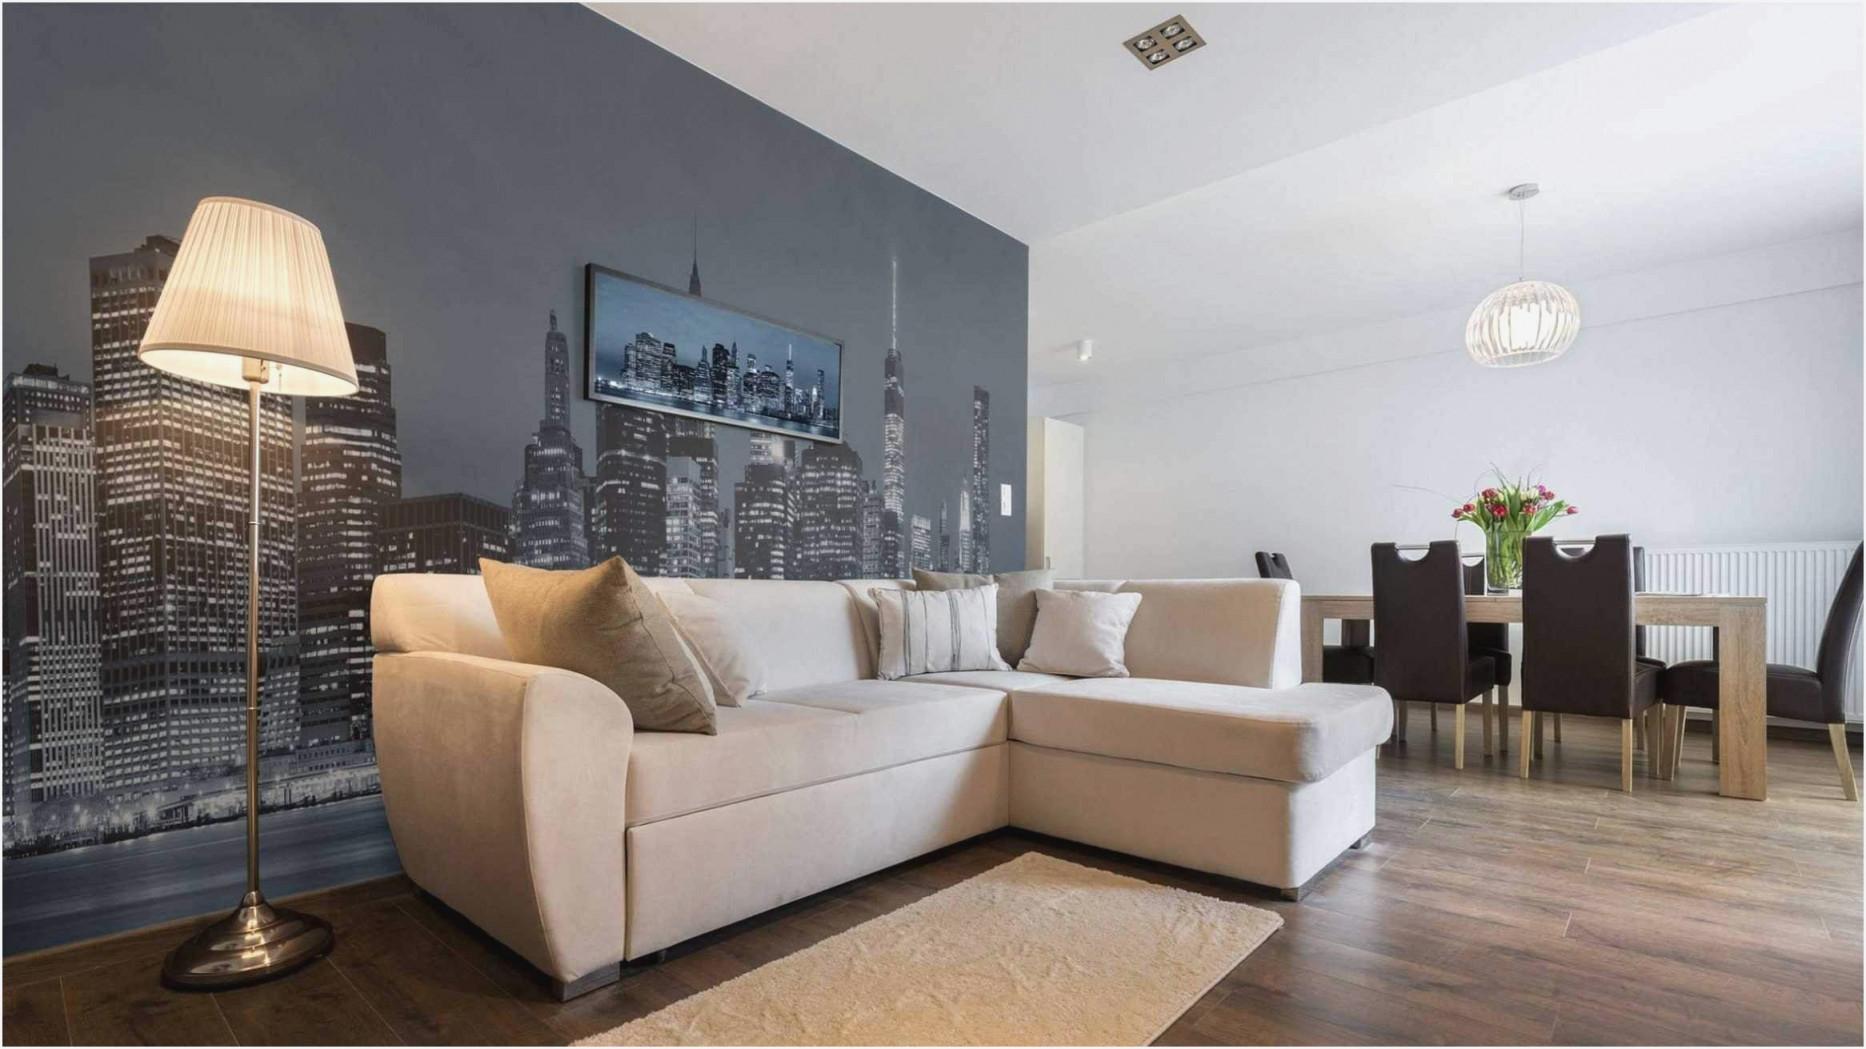 Wandgestaltung Wohnzimmer Beispiele – Caseconrad von Ideen Wohnzimmer Wände Gestalten Photo